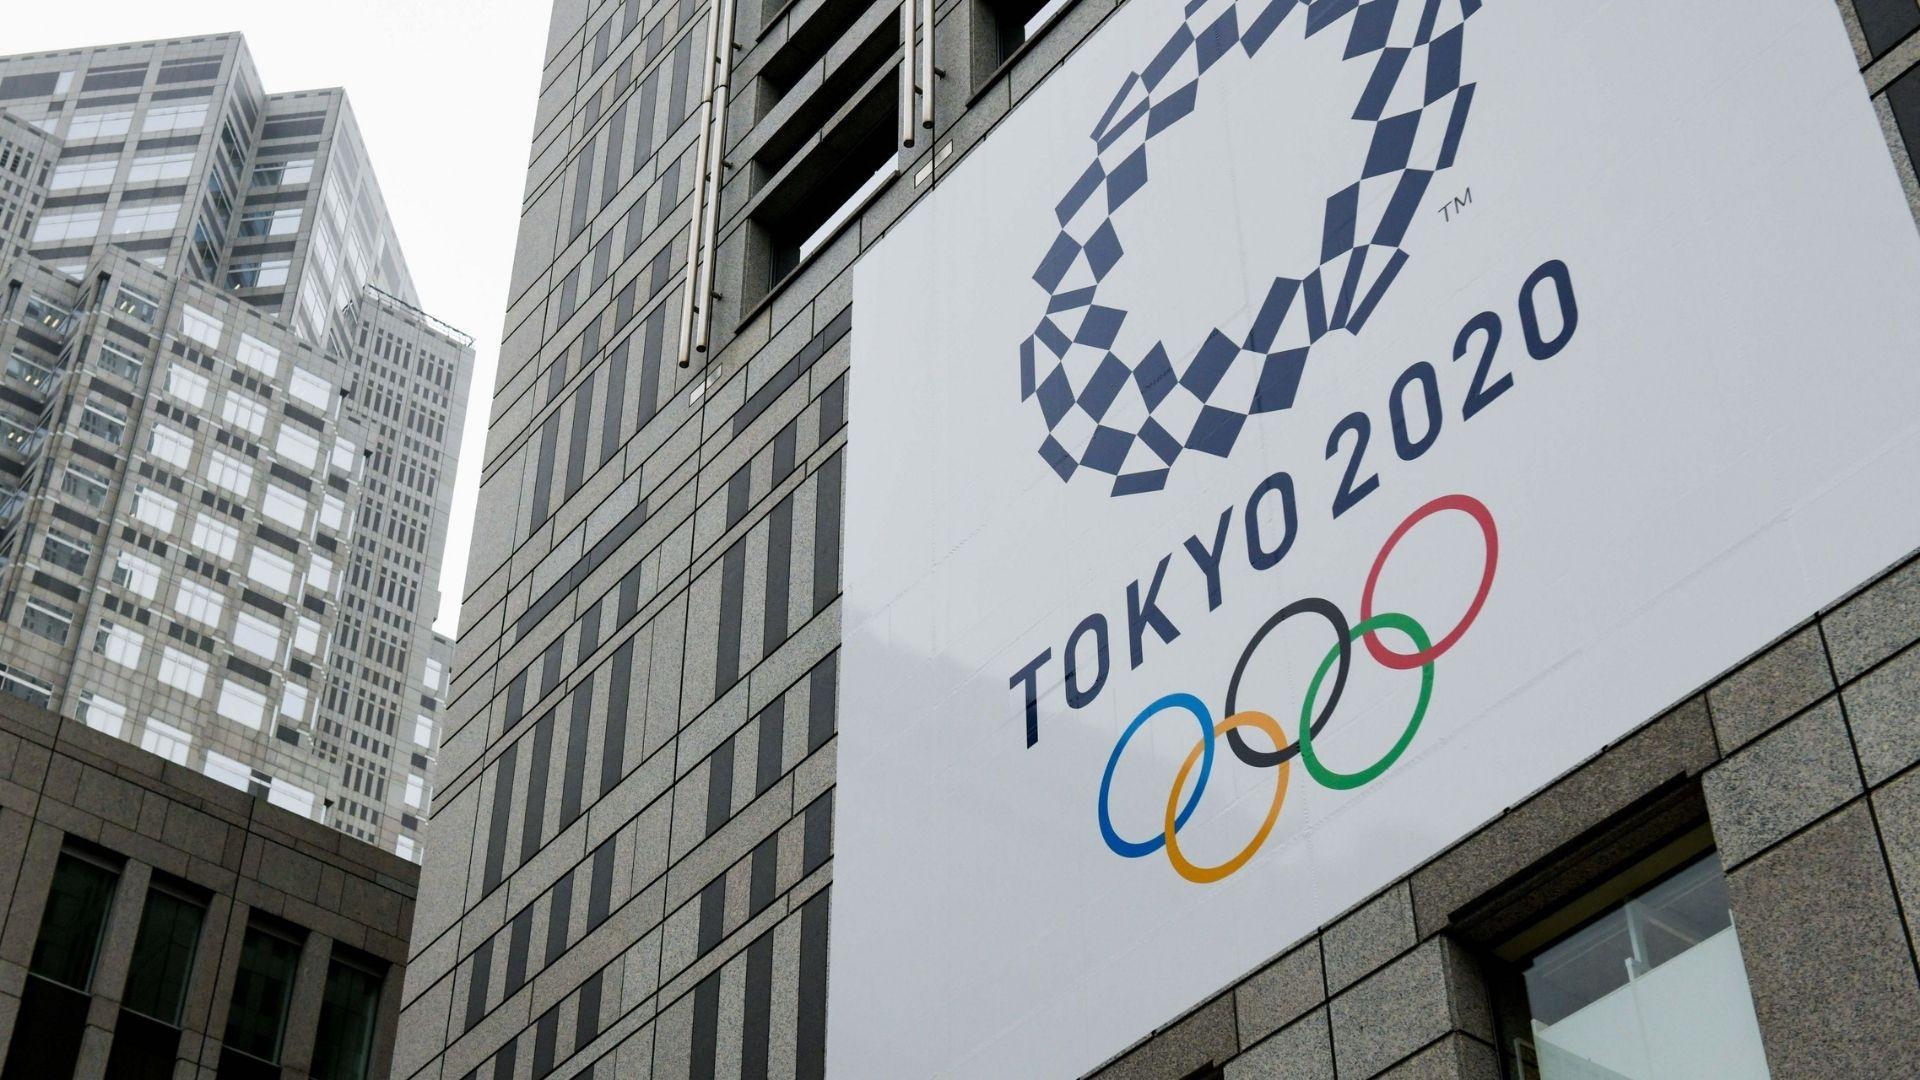 Jocurile Olimpice 2020 de la Tokyo se vor ține fără spectatori. Acestea vor avea loc sub restricțiile stării de urgență